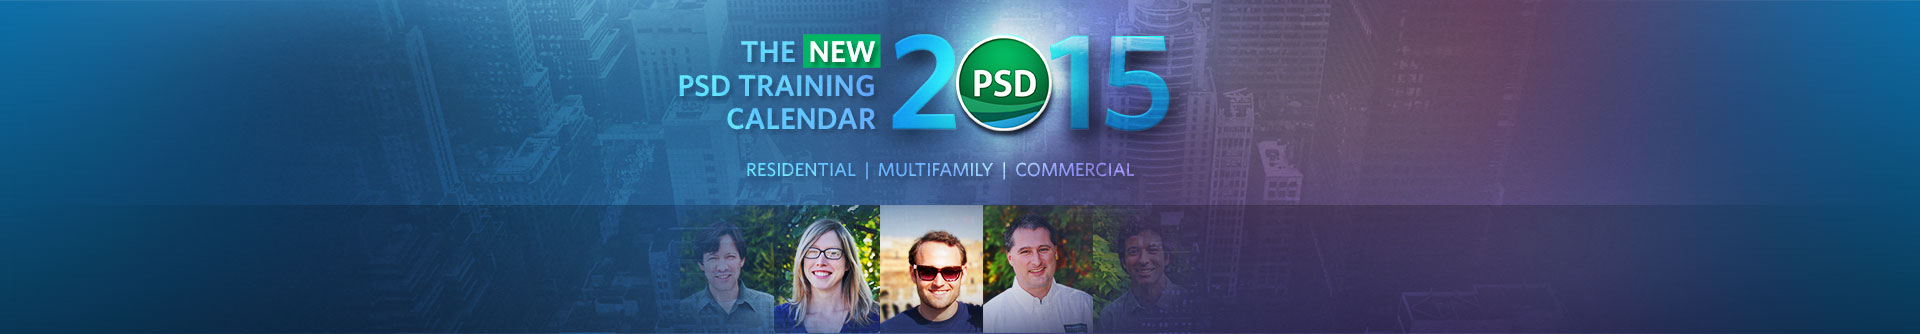 slide_fullwidth_2015_calendar2